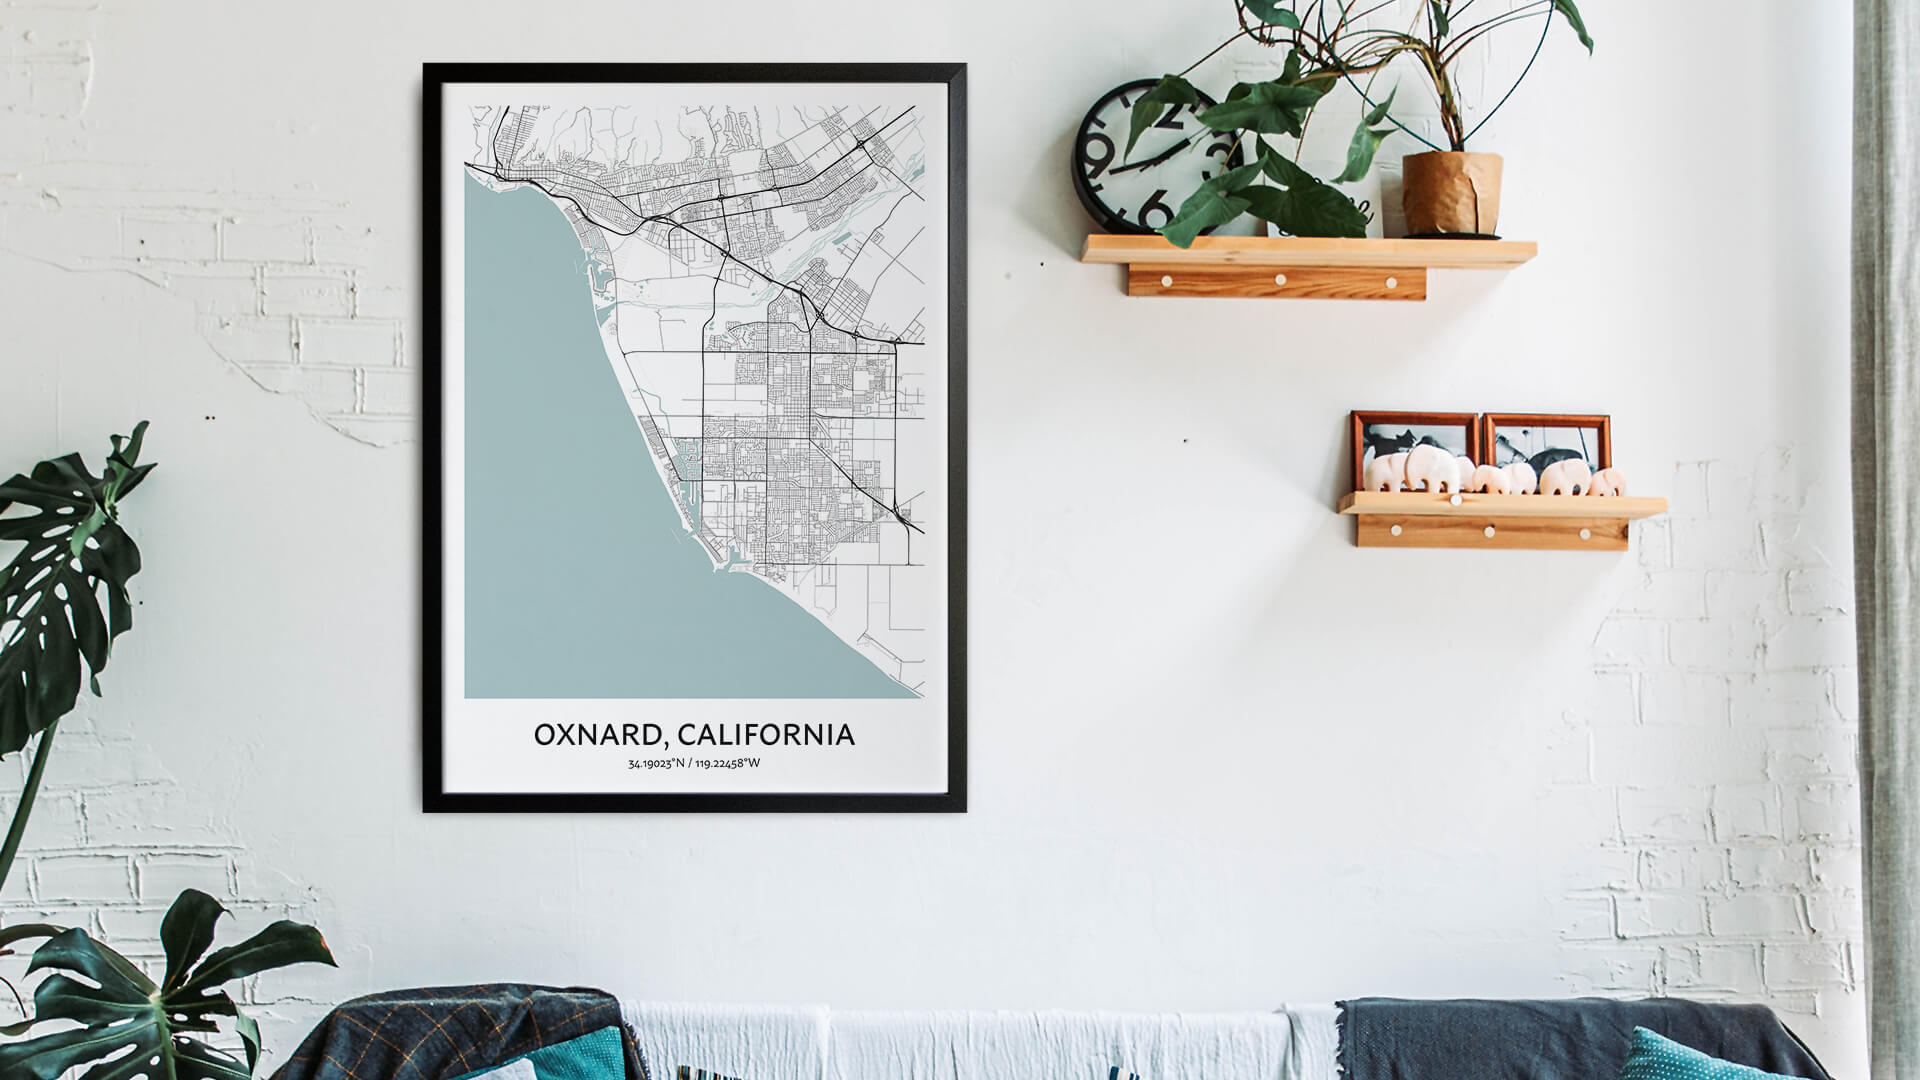 Oxnard map art